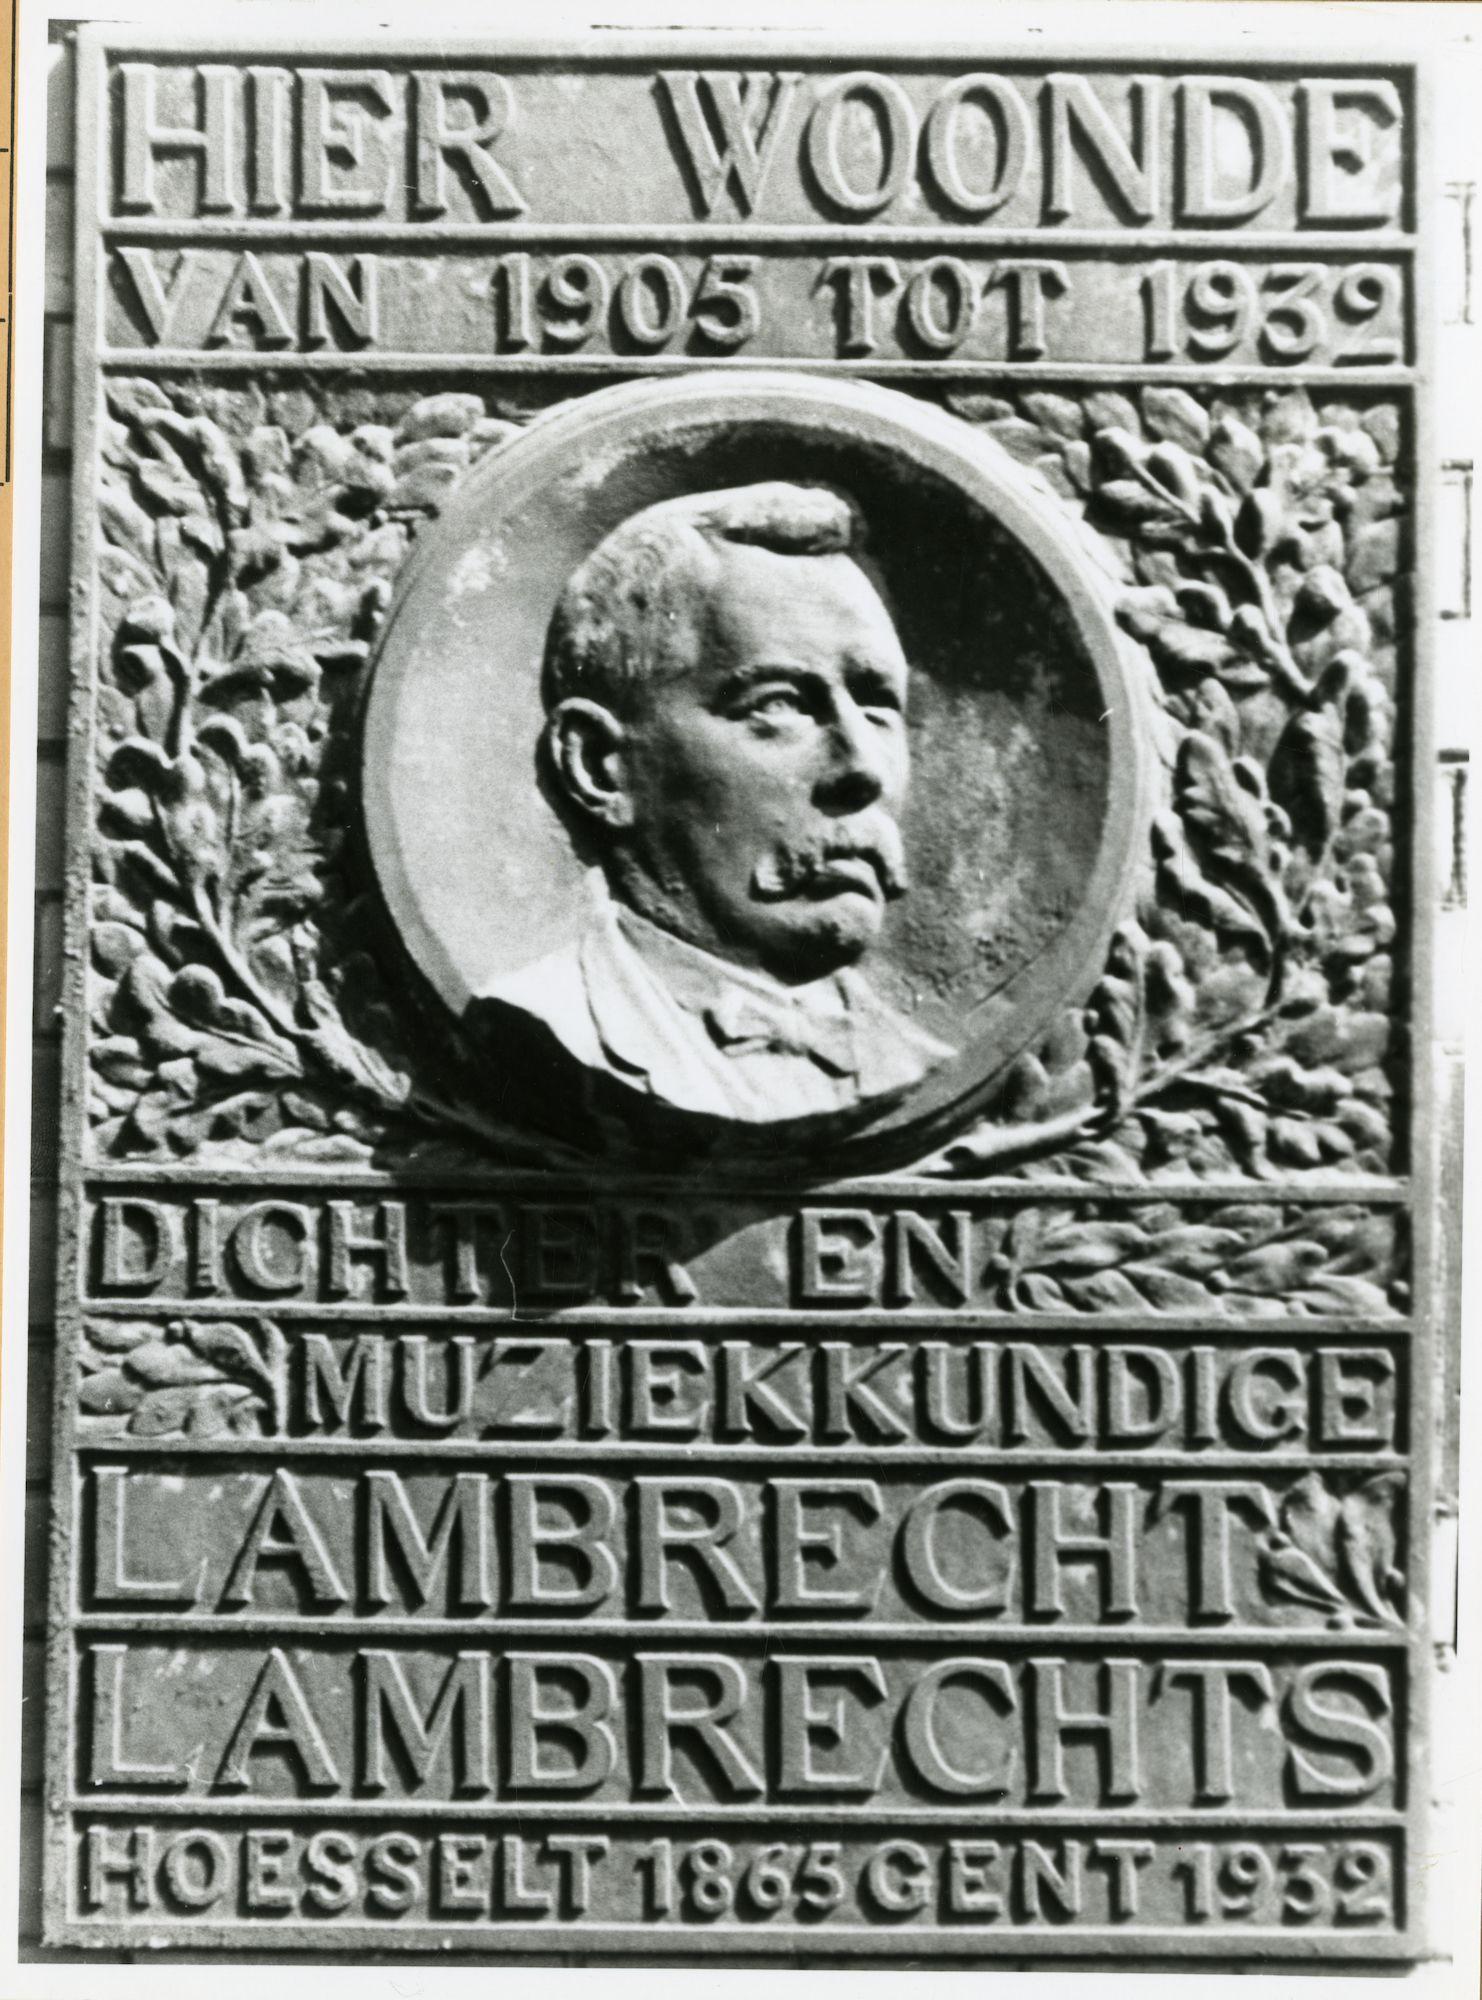 Gent: Kunstlaat 51: Gedenkplaat, 1979